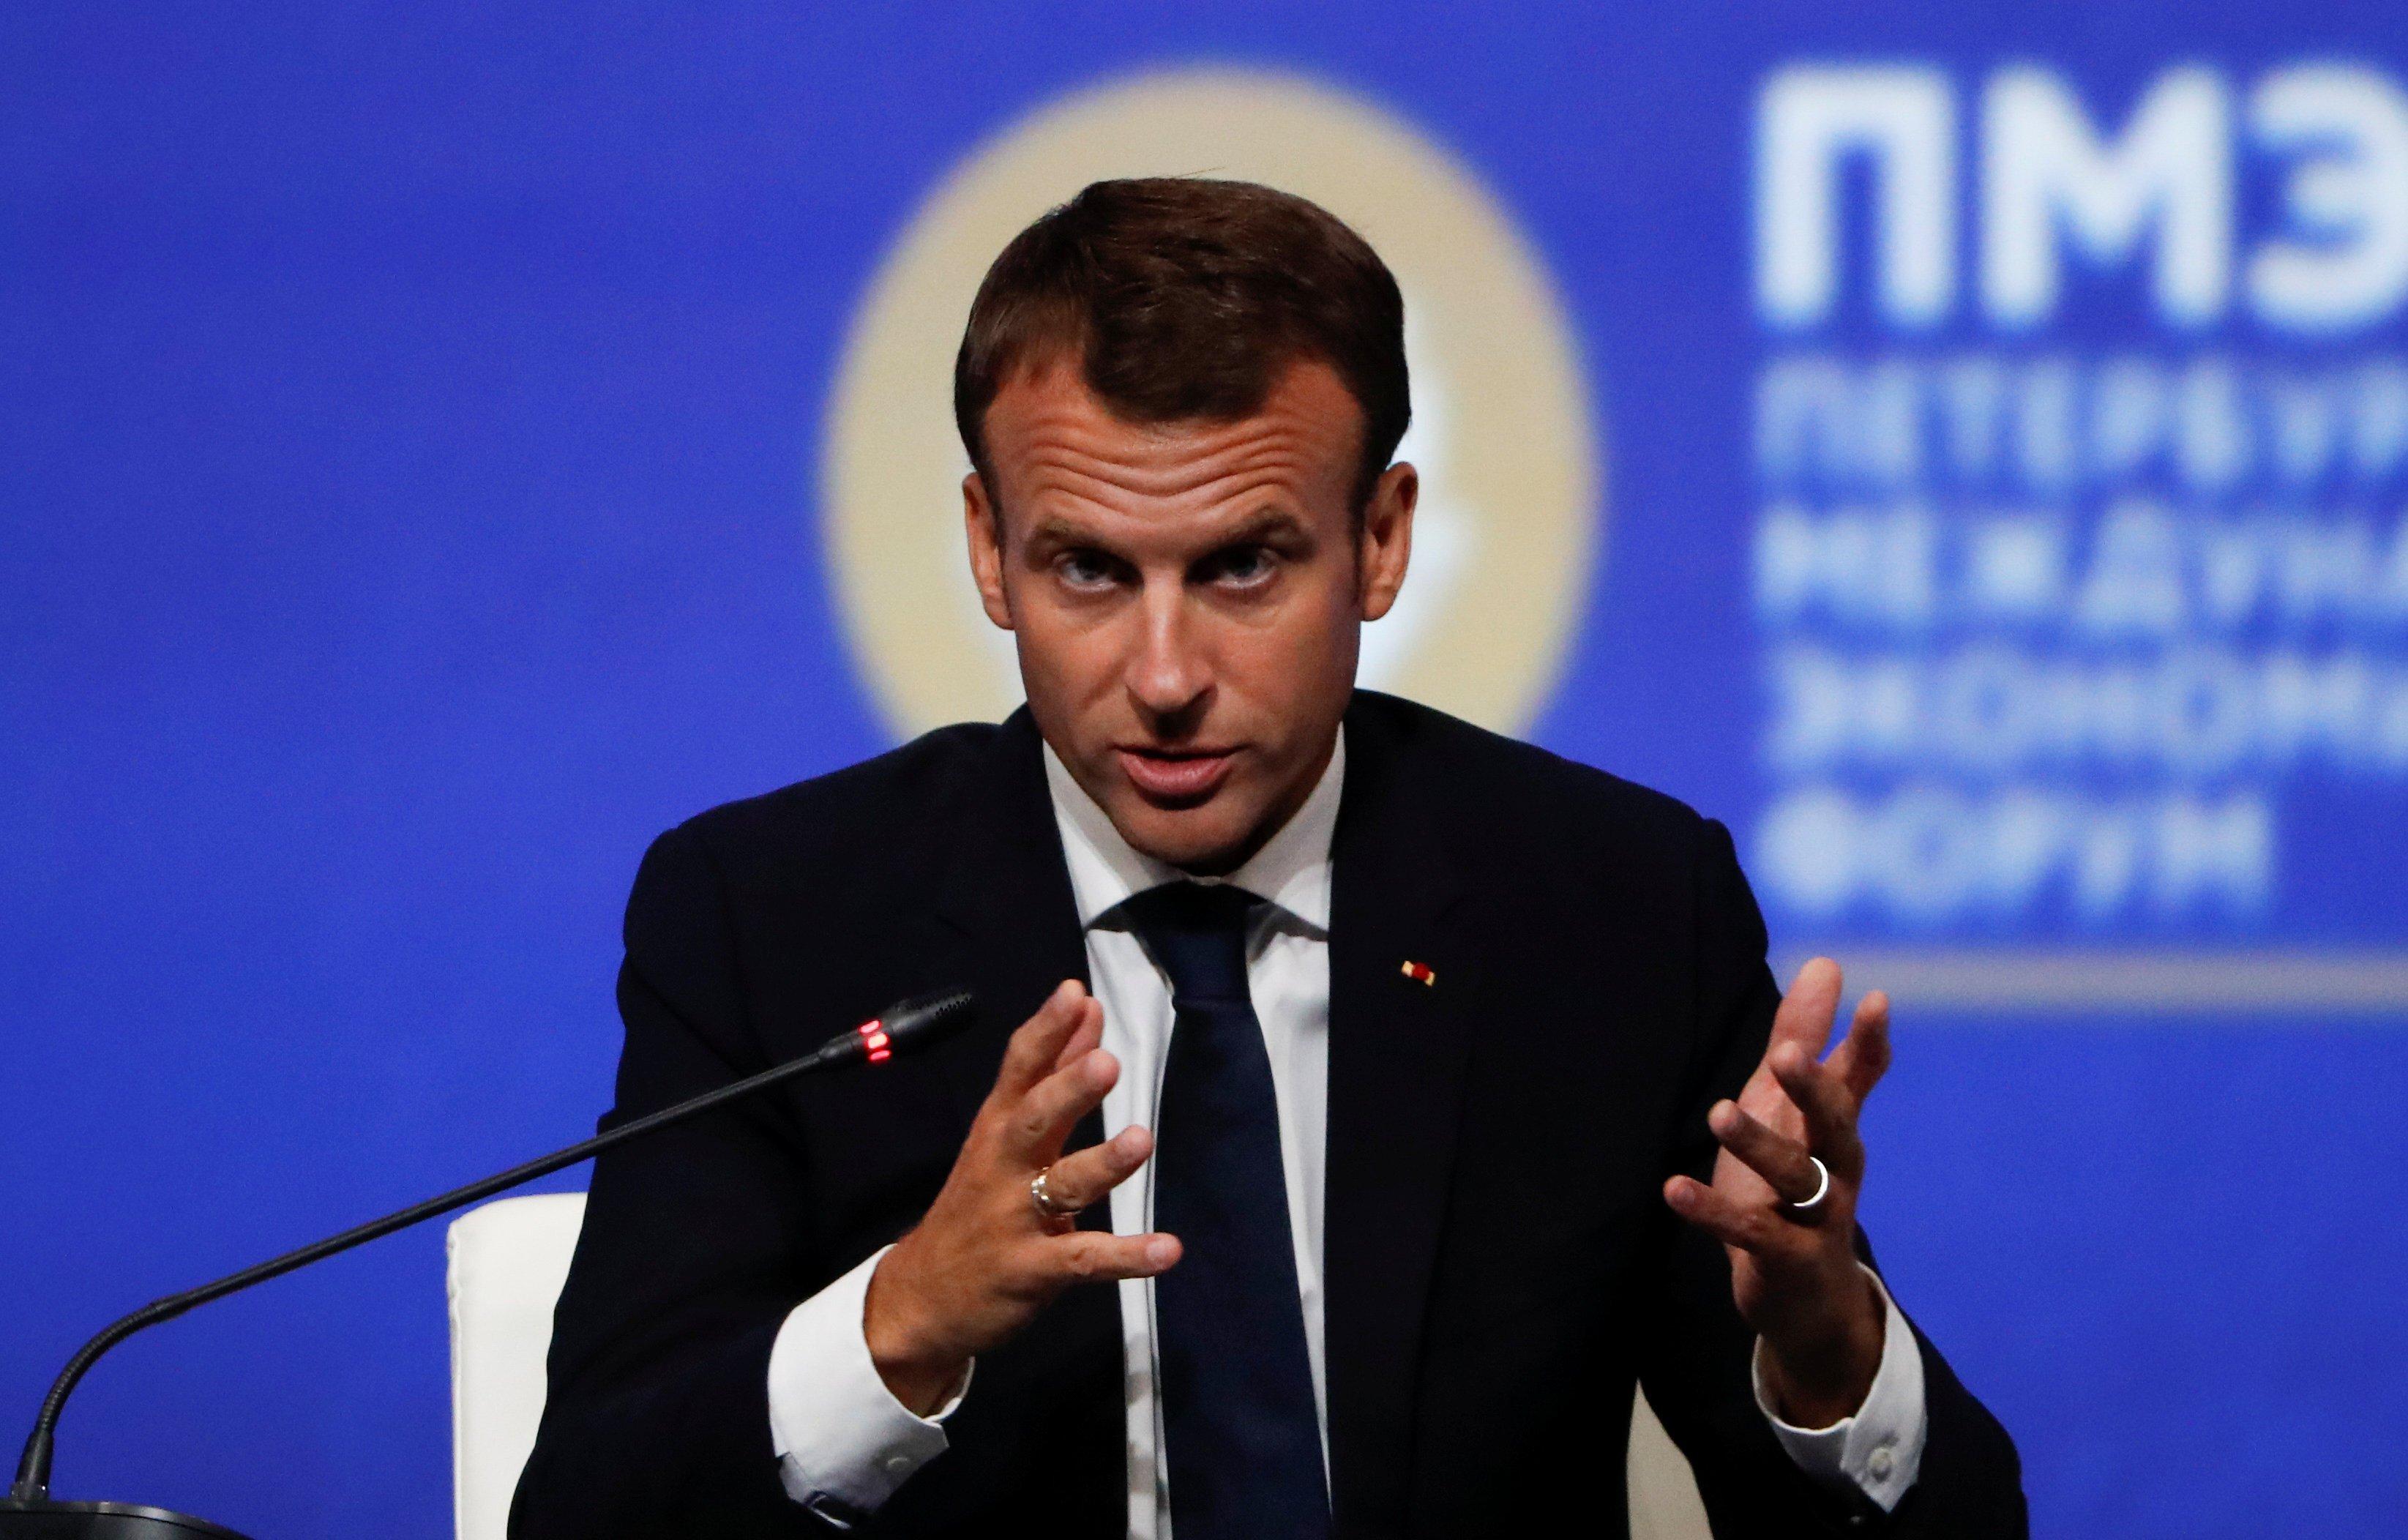 El presidente francés, Emmanuel Macron, habla durante una sesión del Foro Económico Internacional de San Petersburgo (SPIEF), Rusia, el 25 de mayo de 2018. REUTERS / Grigory Dukor